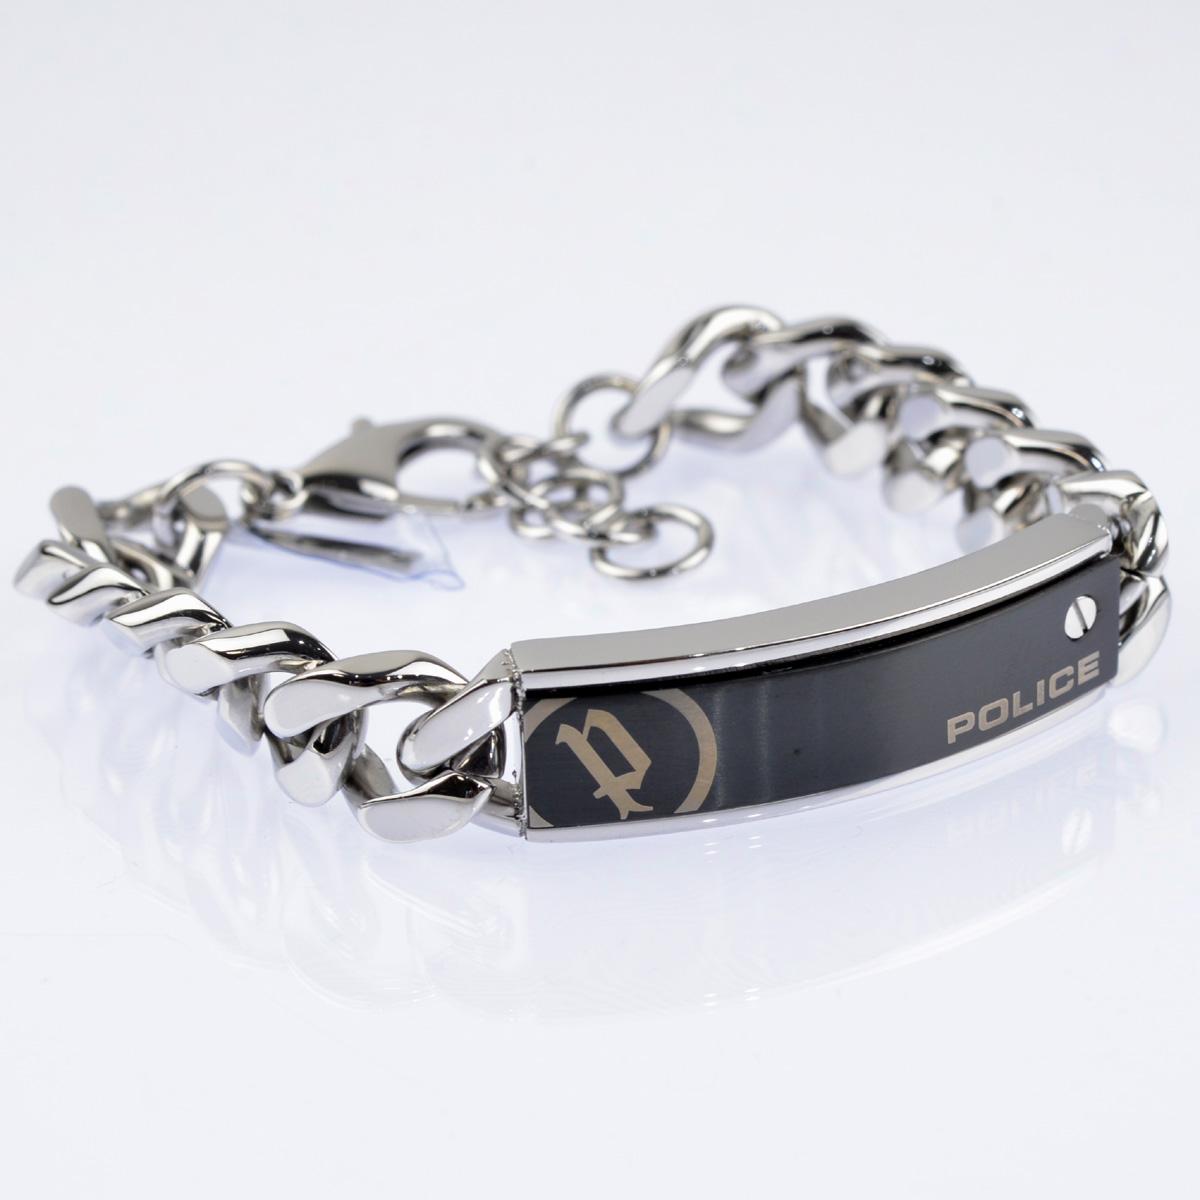 http://www.police.ne.jp/products_images/police-bracelet-univer-03.jpg